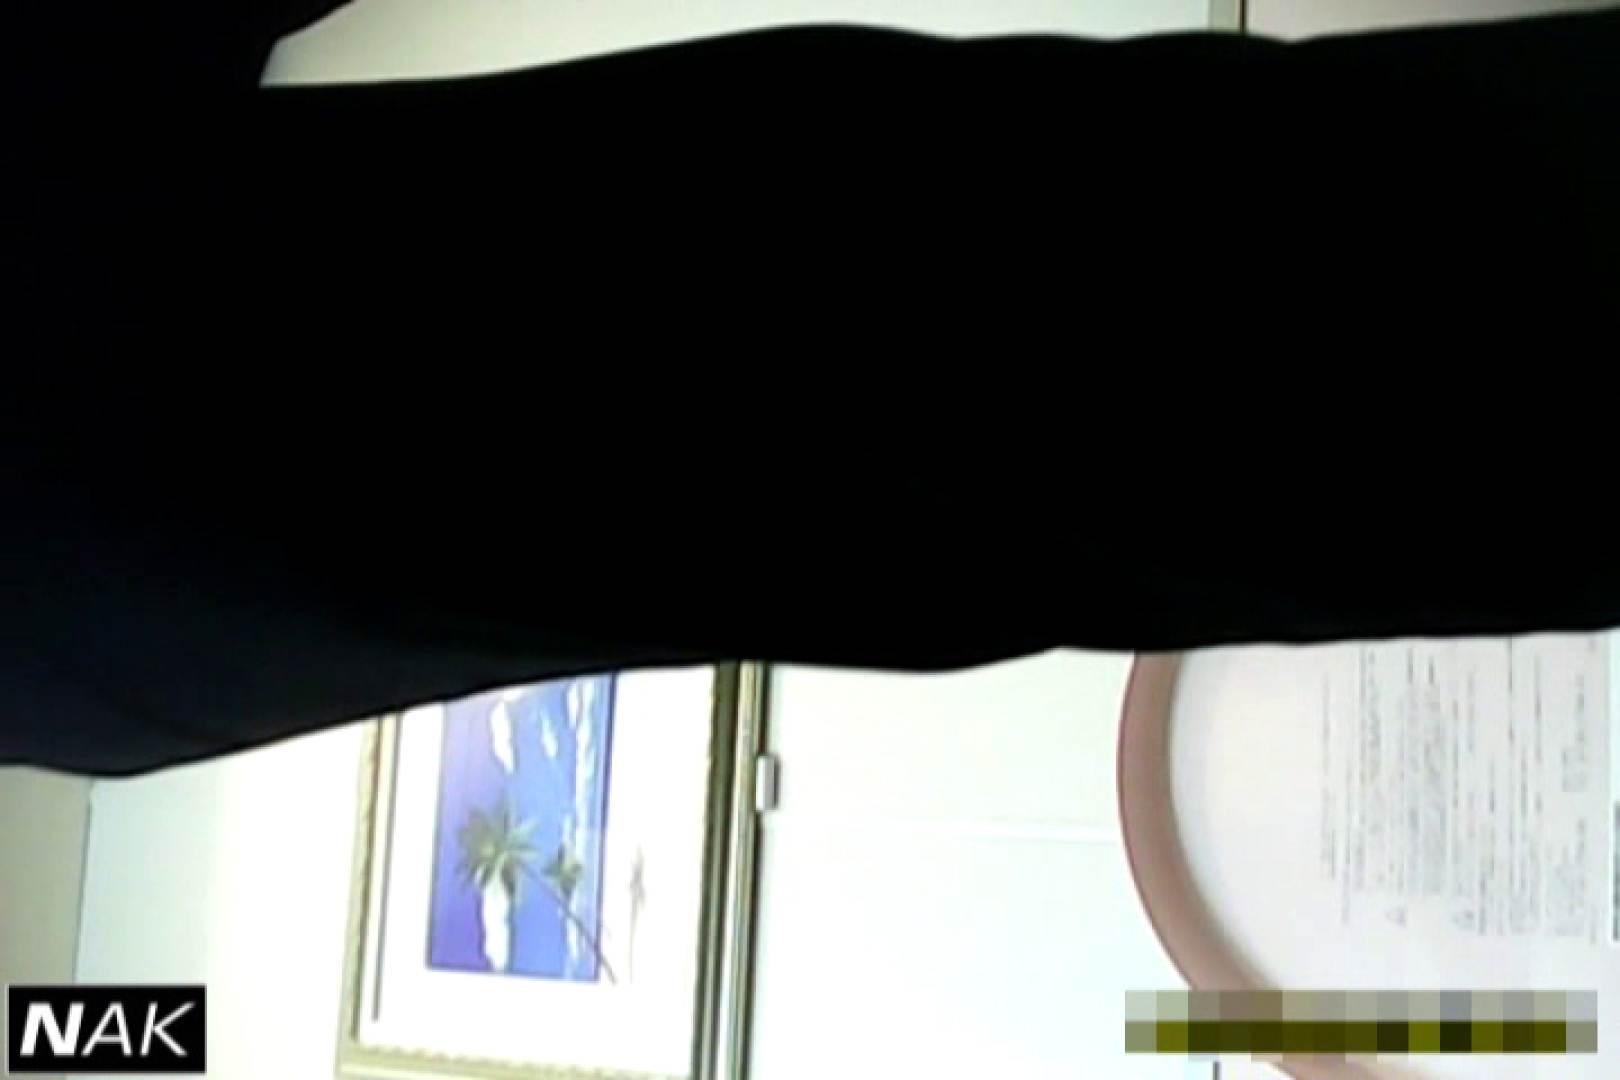 超高画質5000K!脅威の1点集中かわや! vol.01 オマンコもろ すけべAV動画紹介 93PIX 22